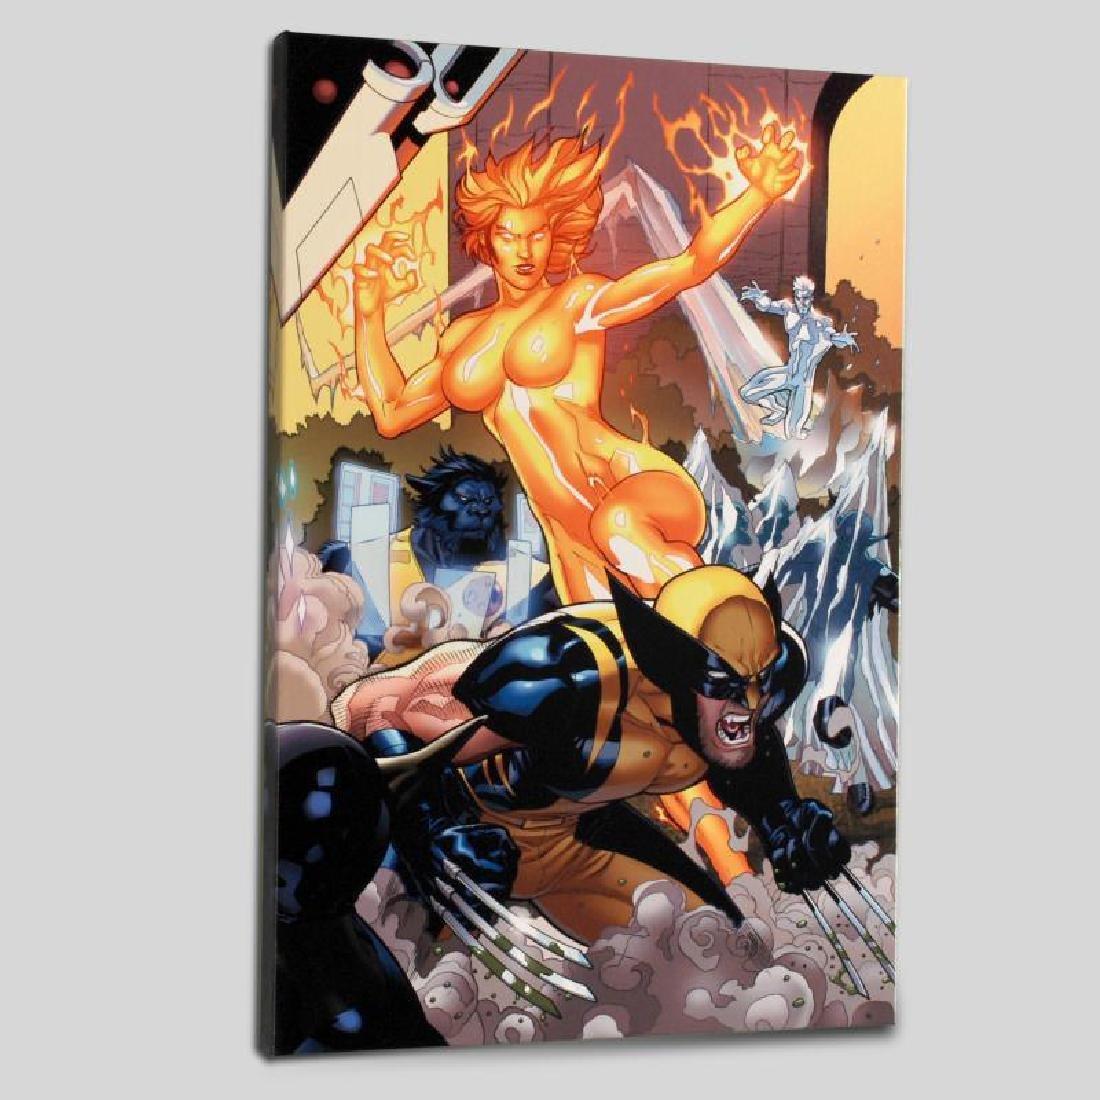 Secret Invasion: X-Men #4 by Marvel Comics - 3